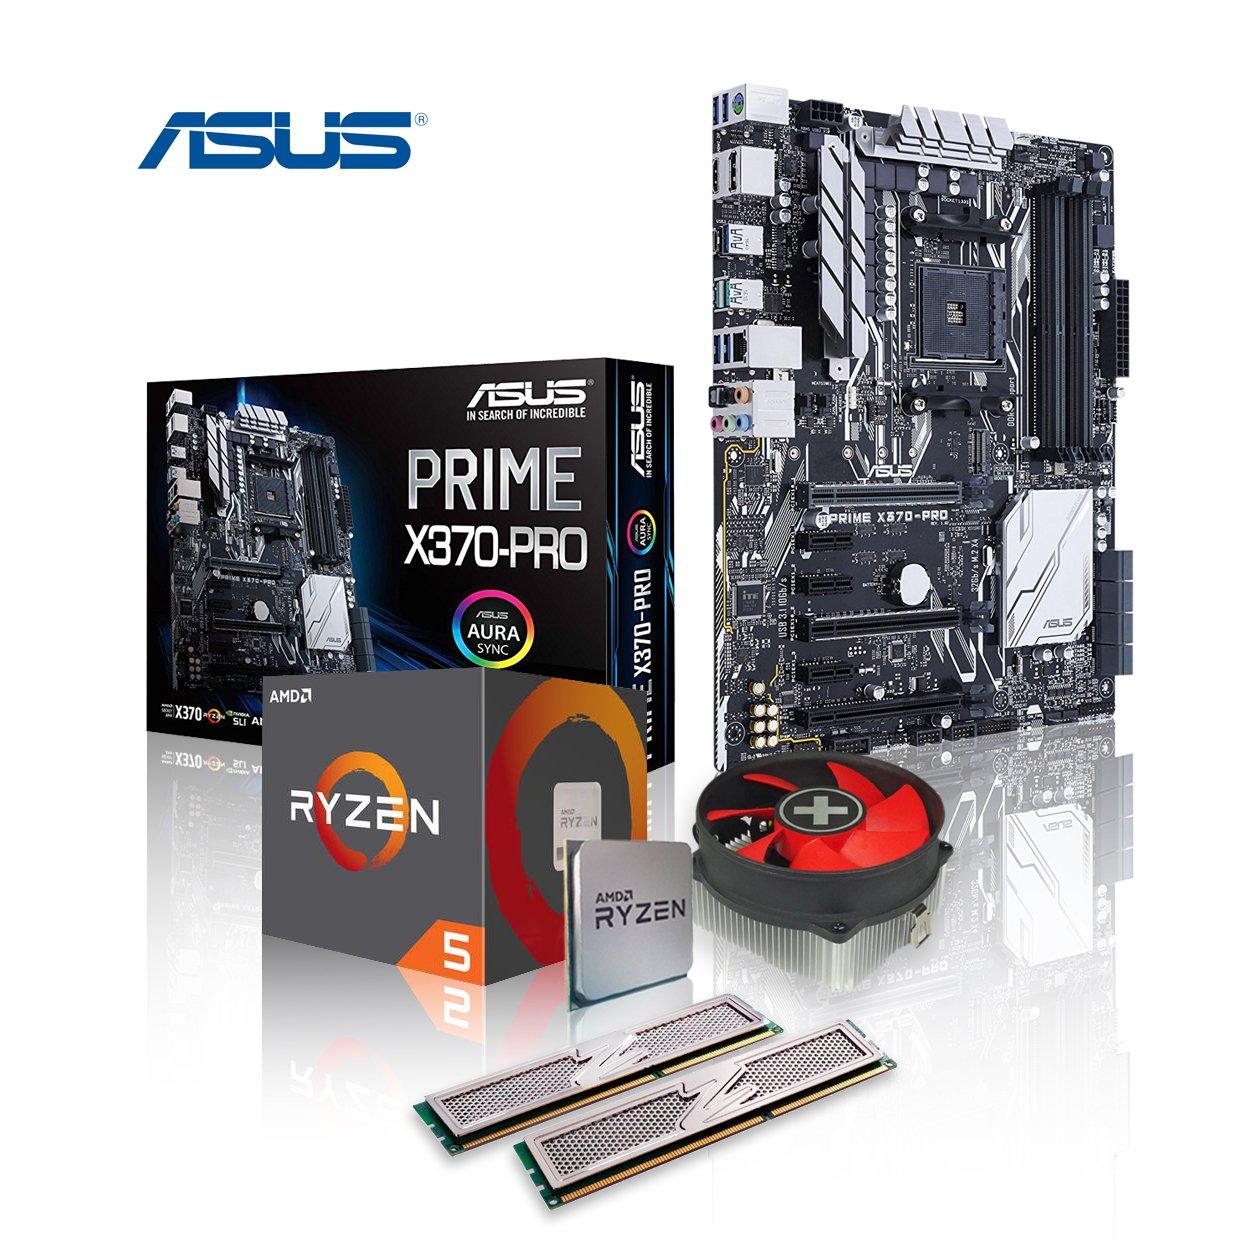 Memory PC – Pack de actualización de ordenador de sobremesa, AMD Ryzen 5 1600X AM4 (SixCore) Summit